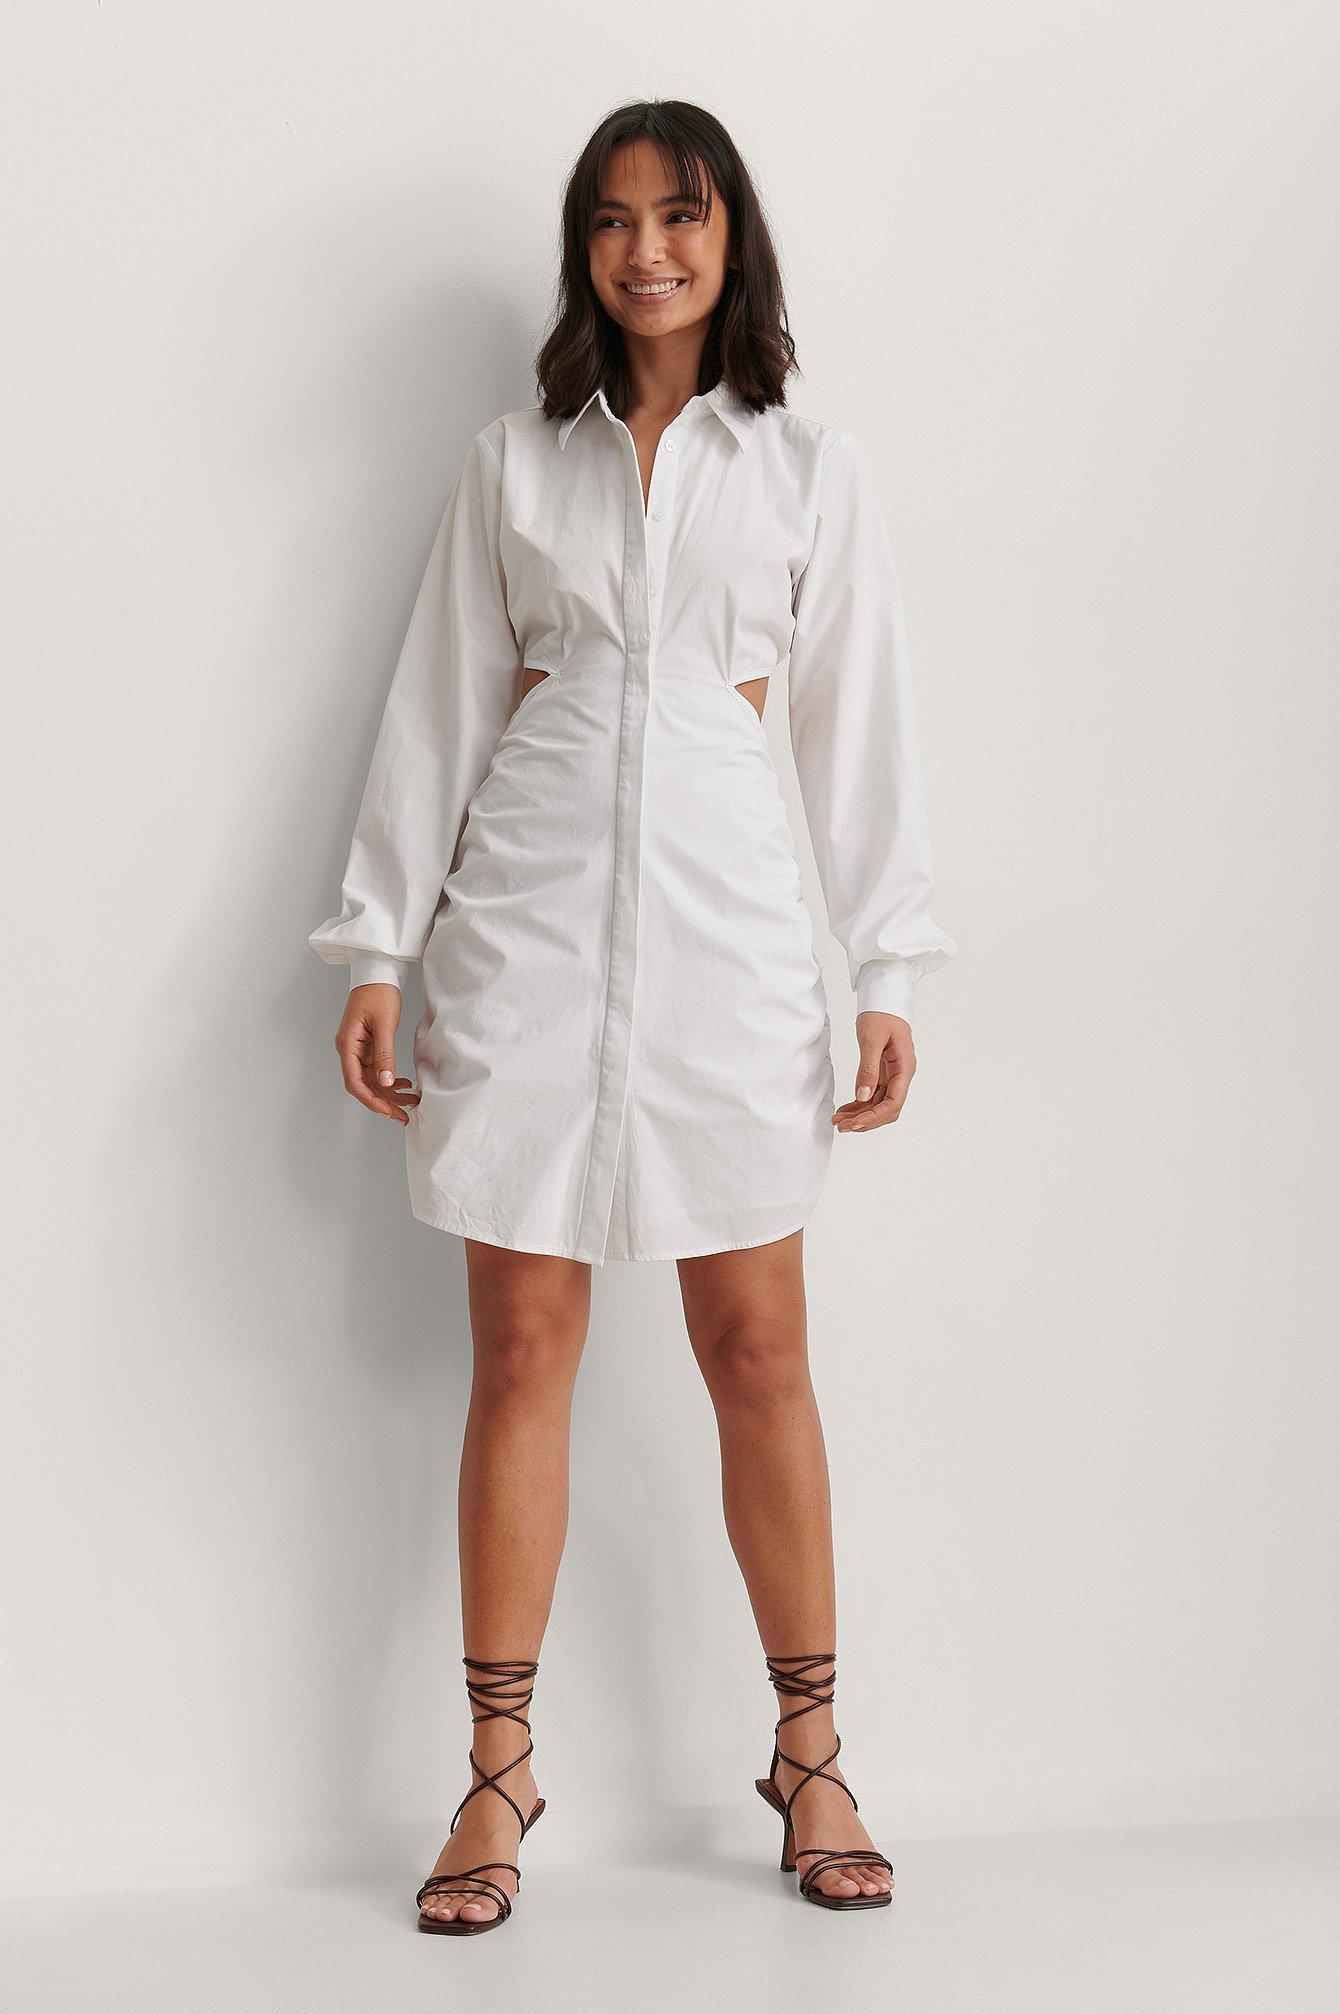 Organic Cut Out Hidden Placket Shirt Dress $59.95